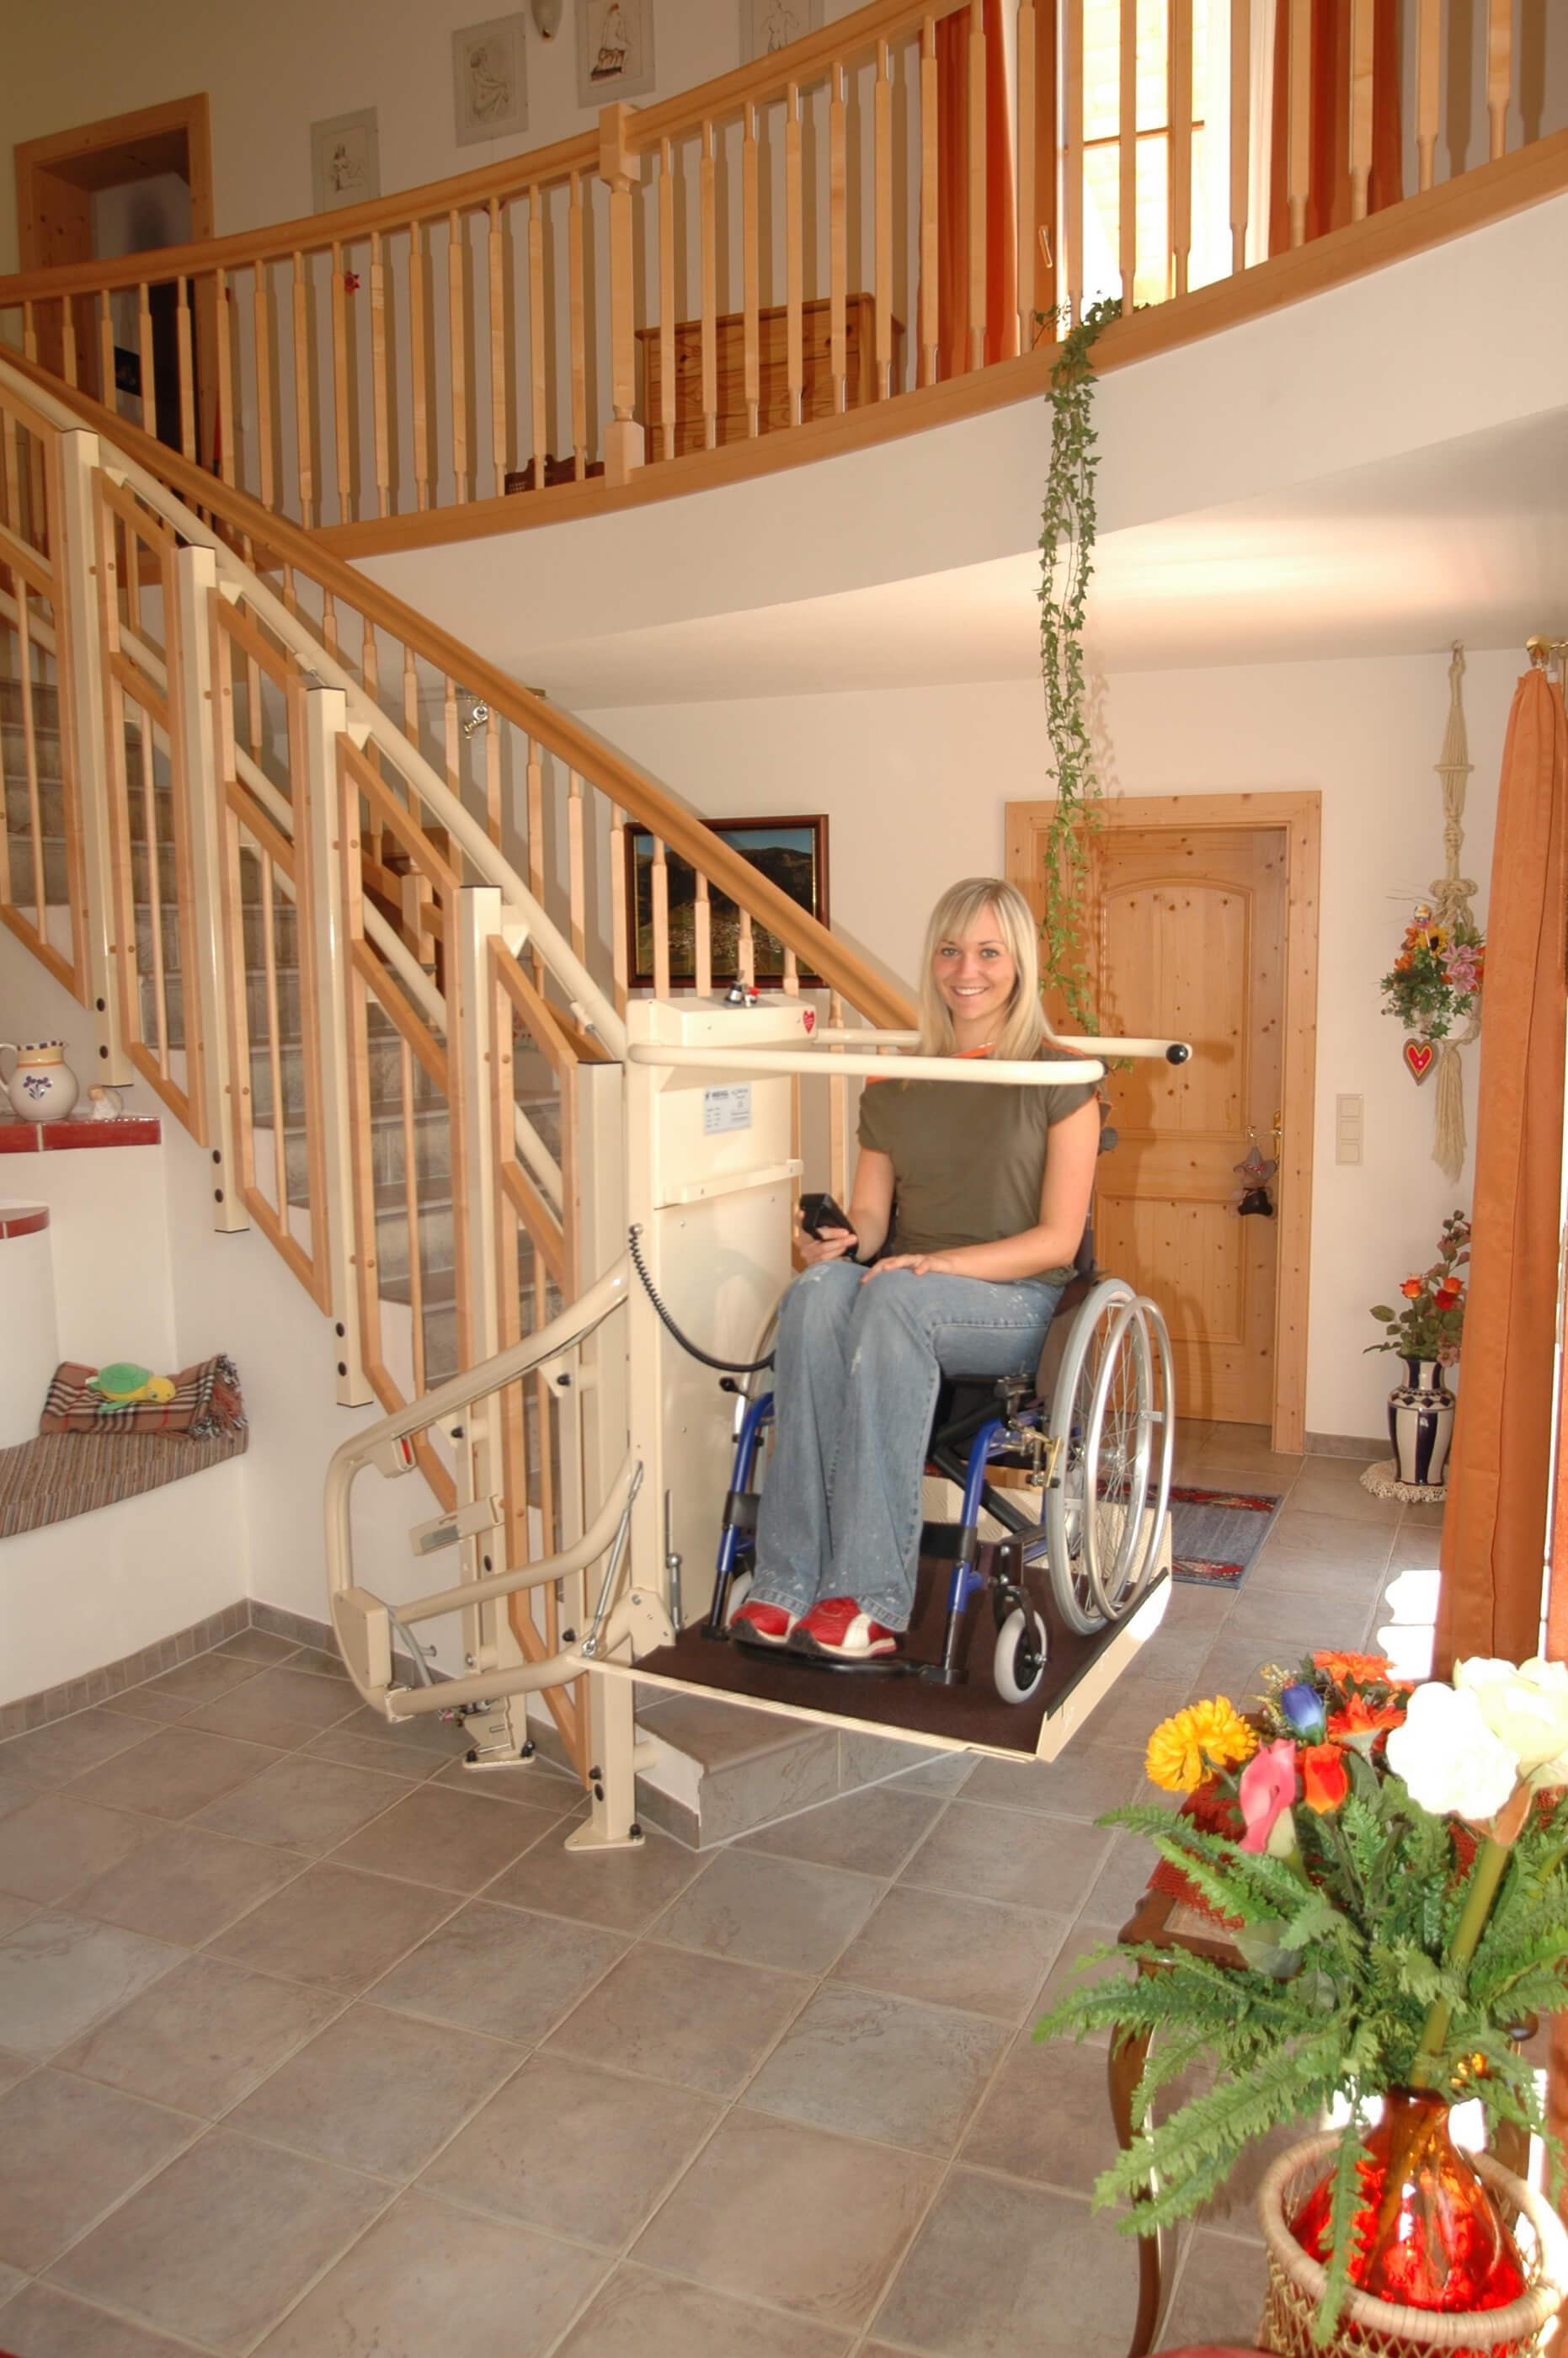 Financement d'une plateforme monte-escalier